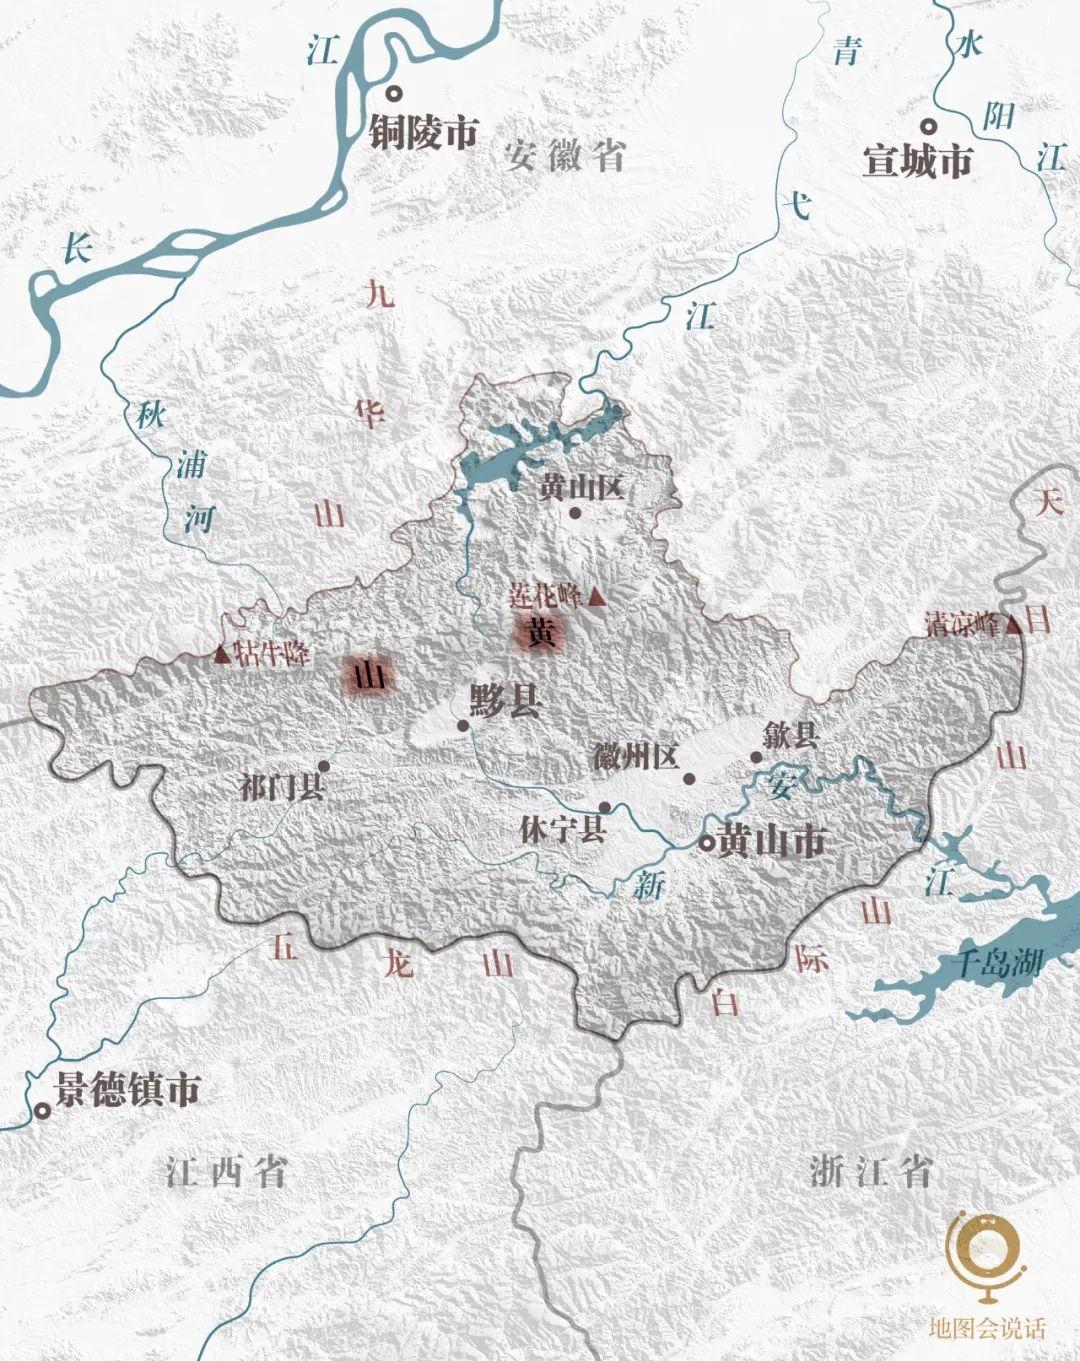 中国最火的_2017中国最火网络表情公布 捂脸 等榜首